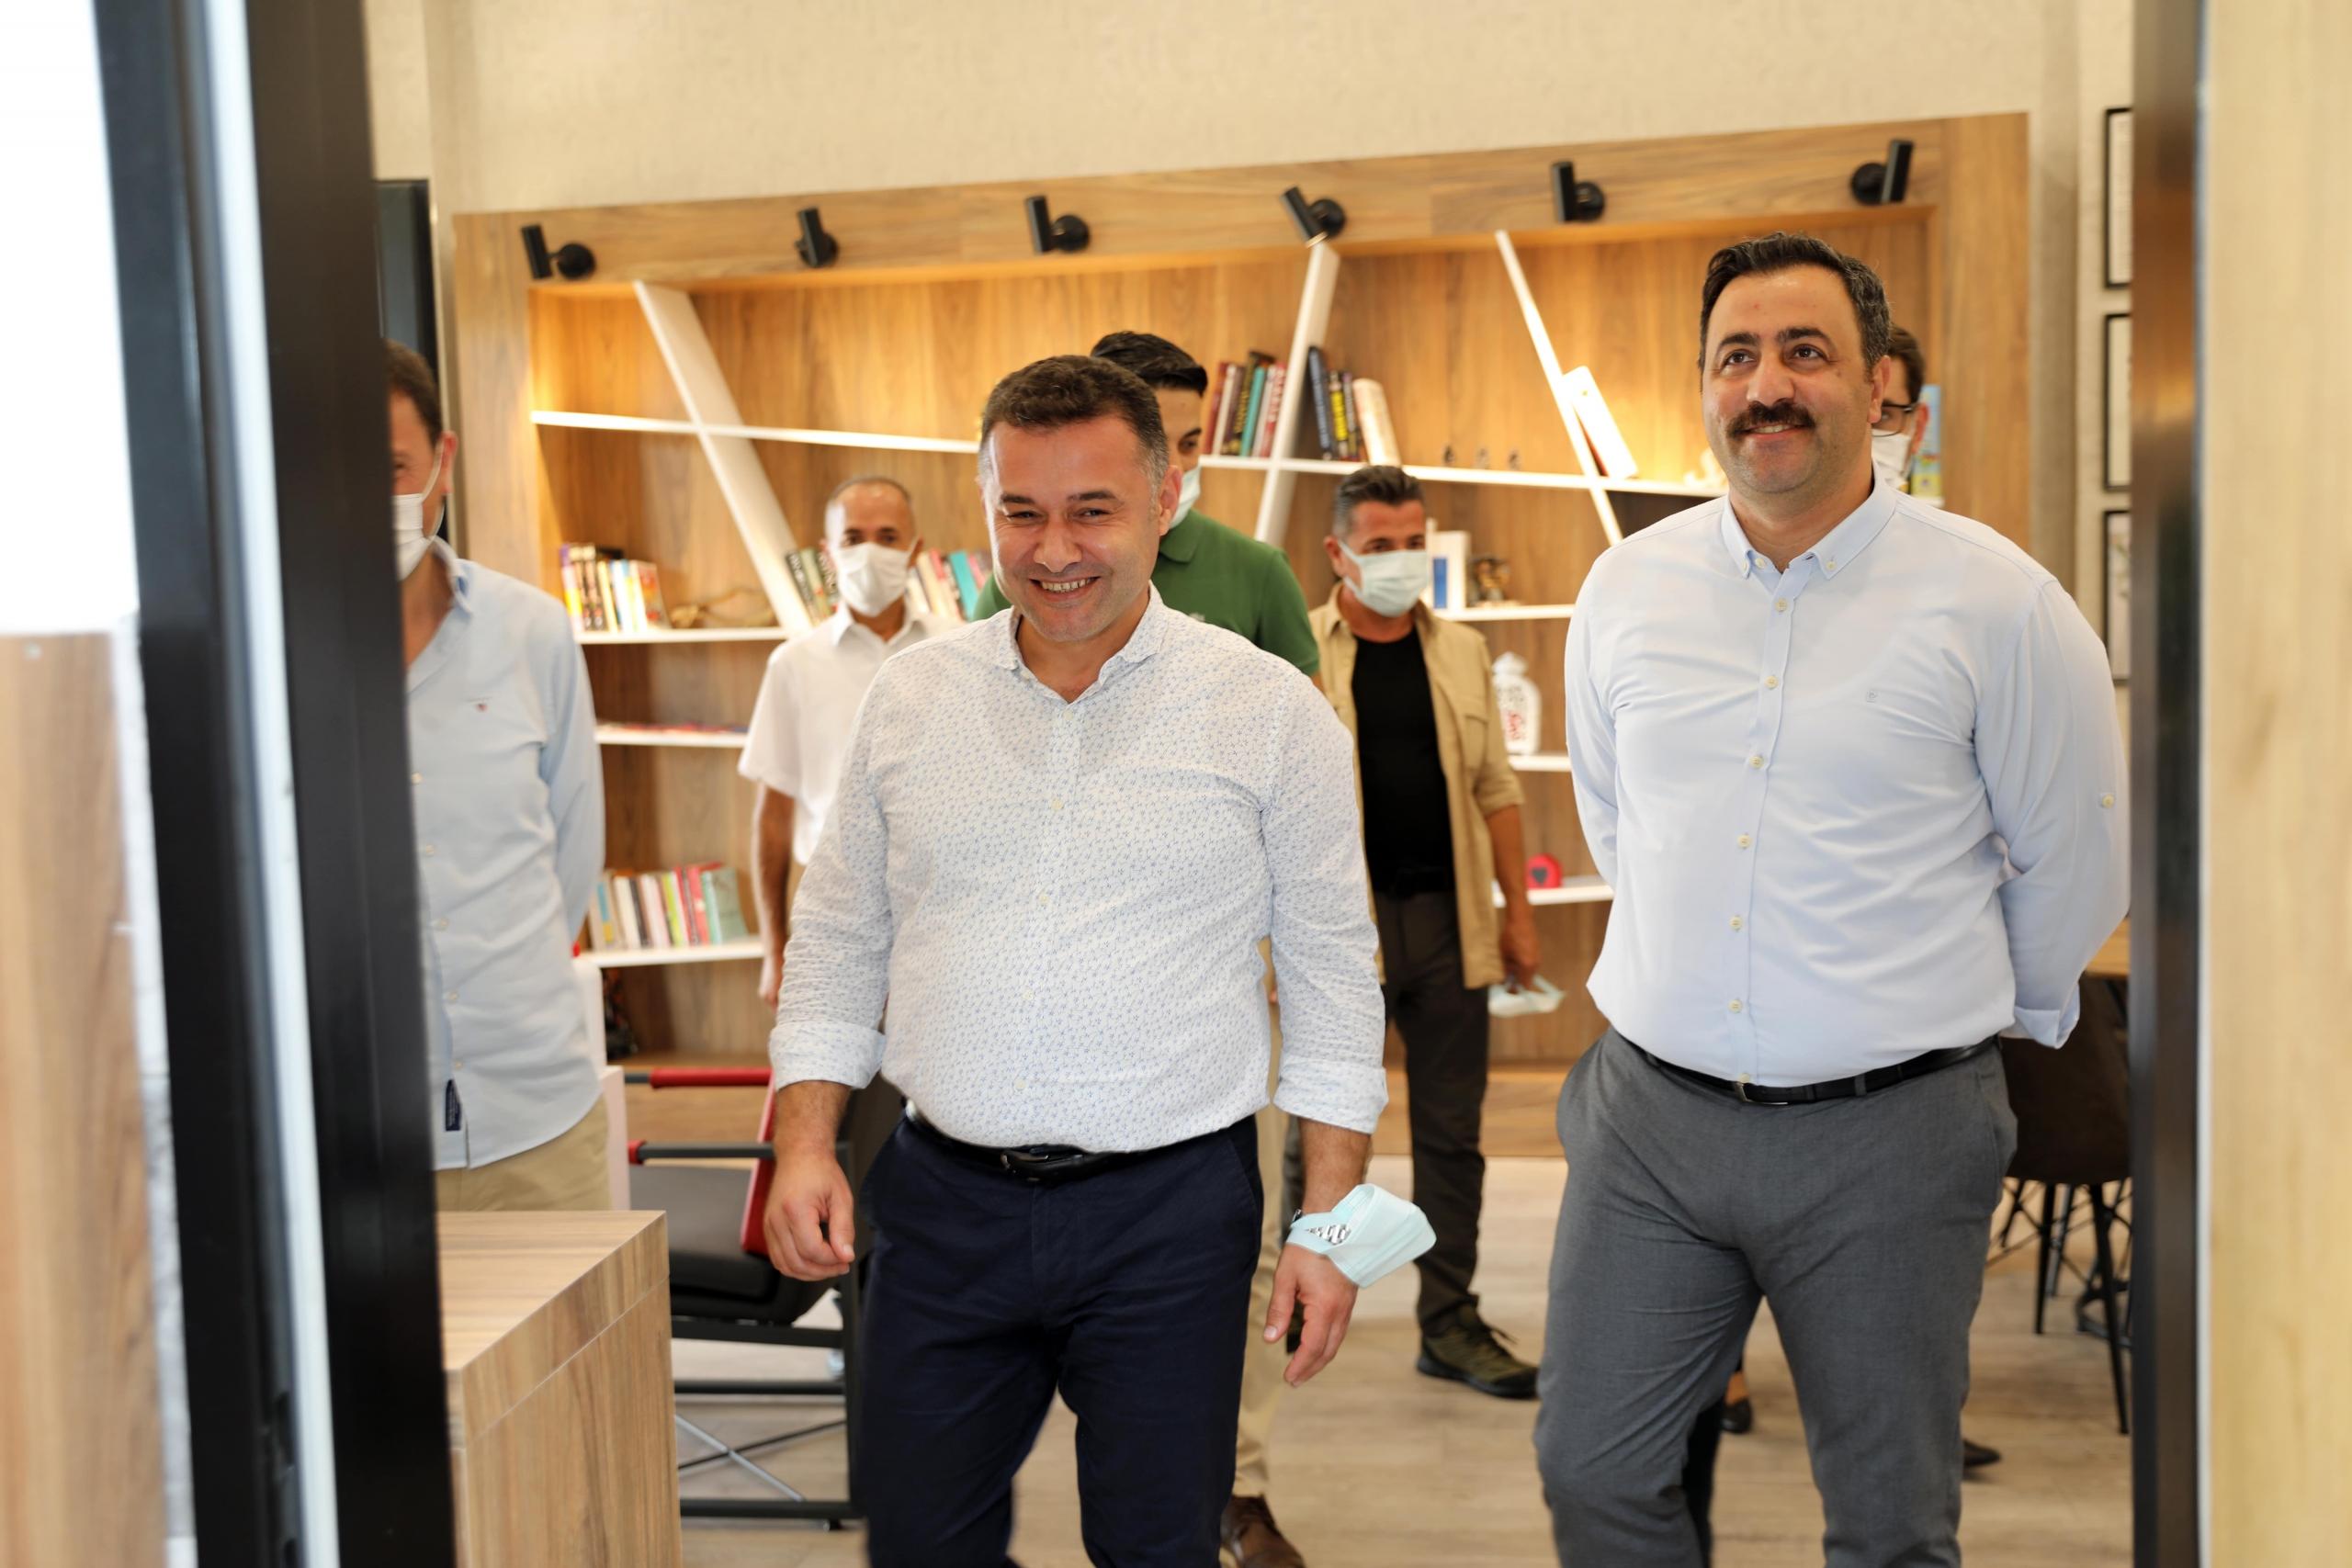 Alanya Belediye Başkanı Adem Murat Yücel, Alkü Gençlik Hizmetleri Birimi'ndeki Çalışmaları Yerinde İnceledi